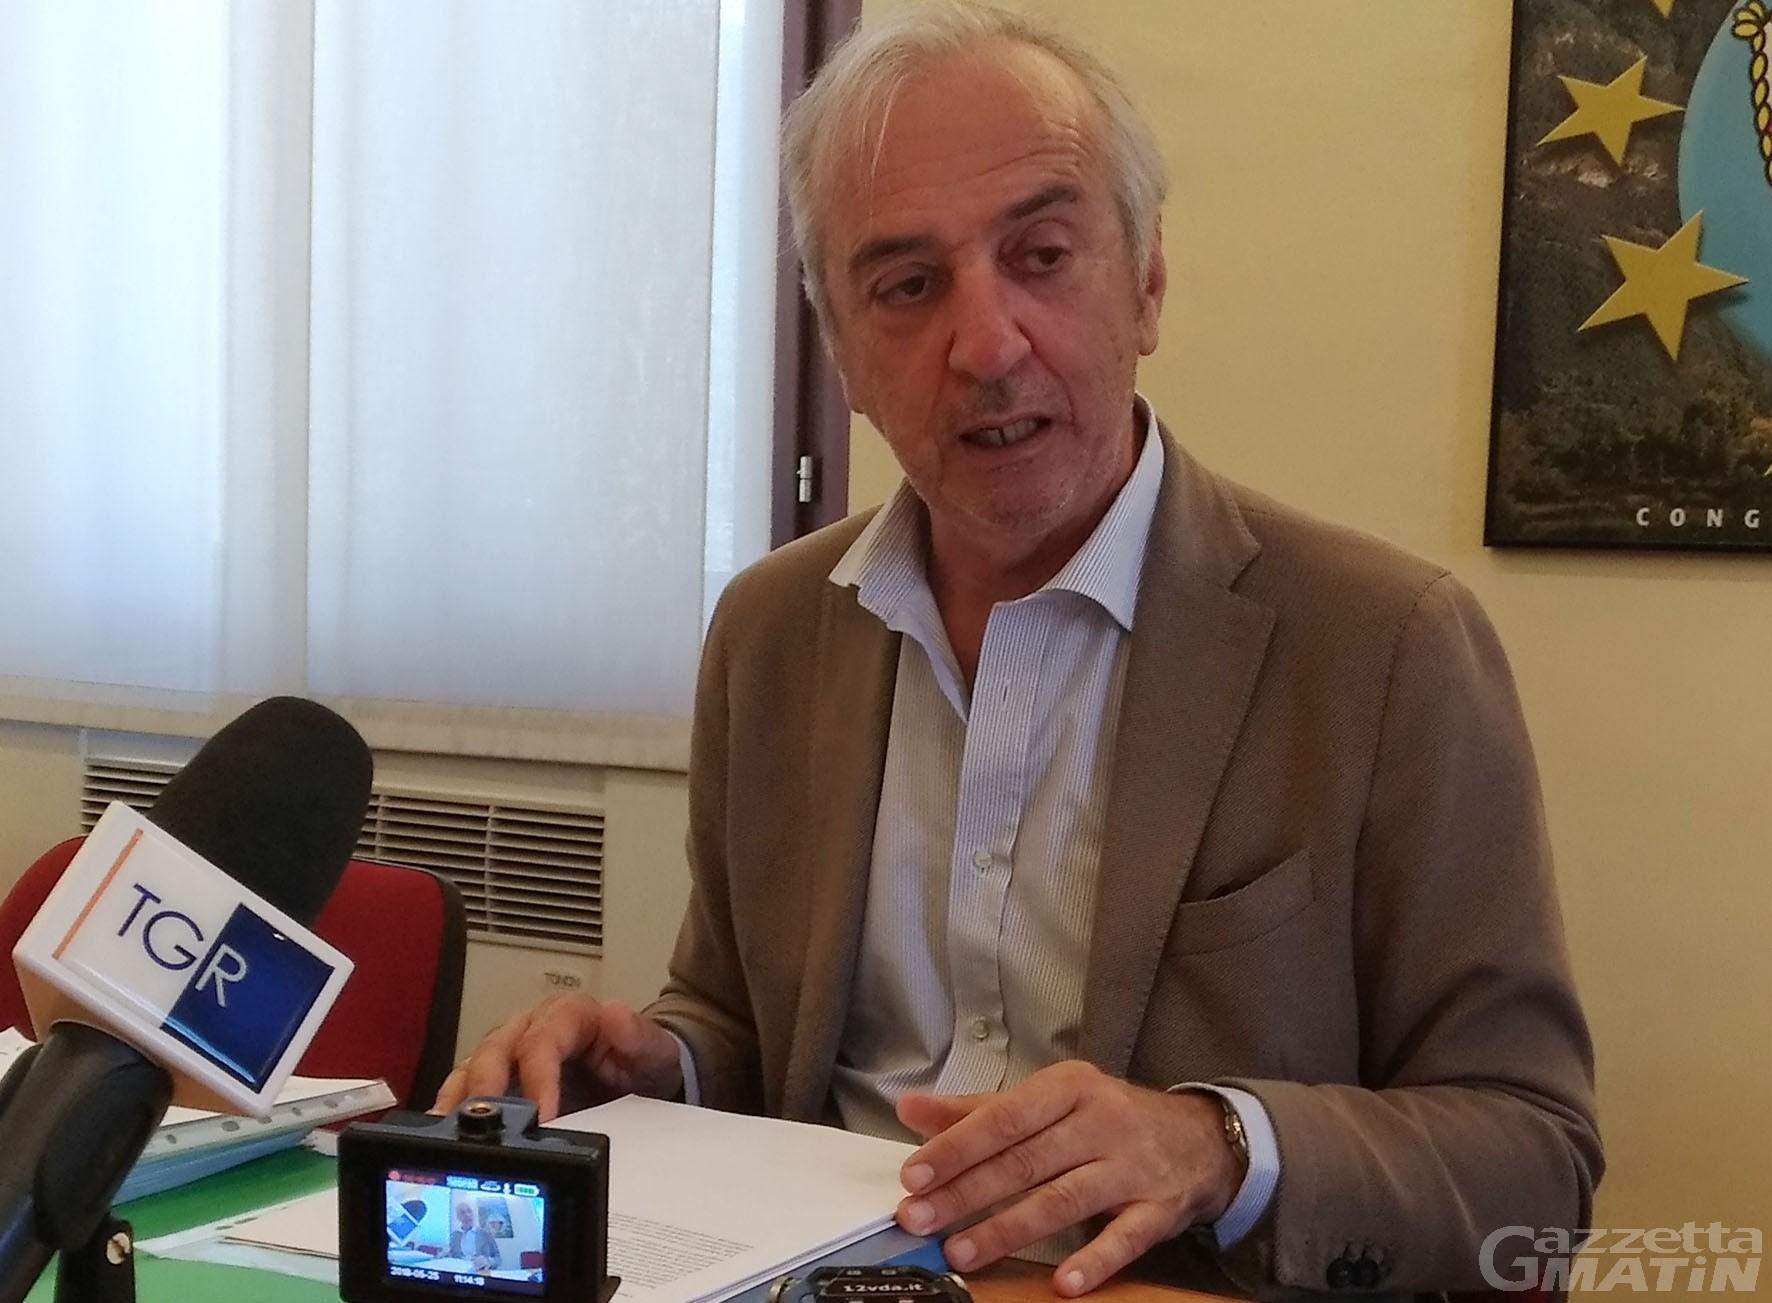 Corruzione in VdA: Peinetti: «mai fatto pressioni né subito influenze»